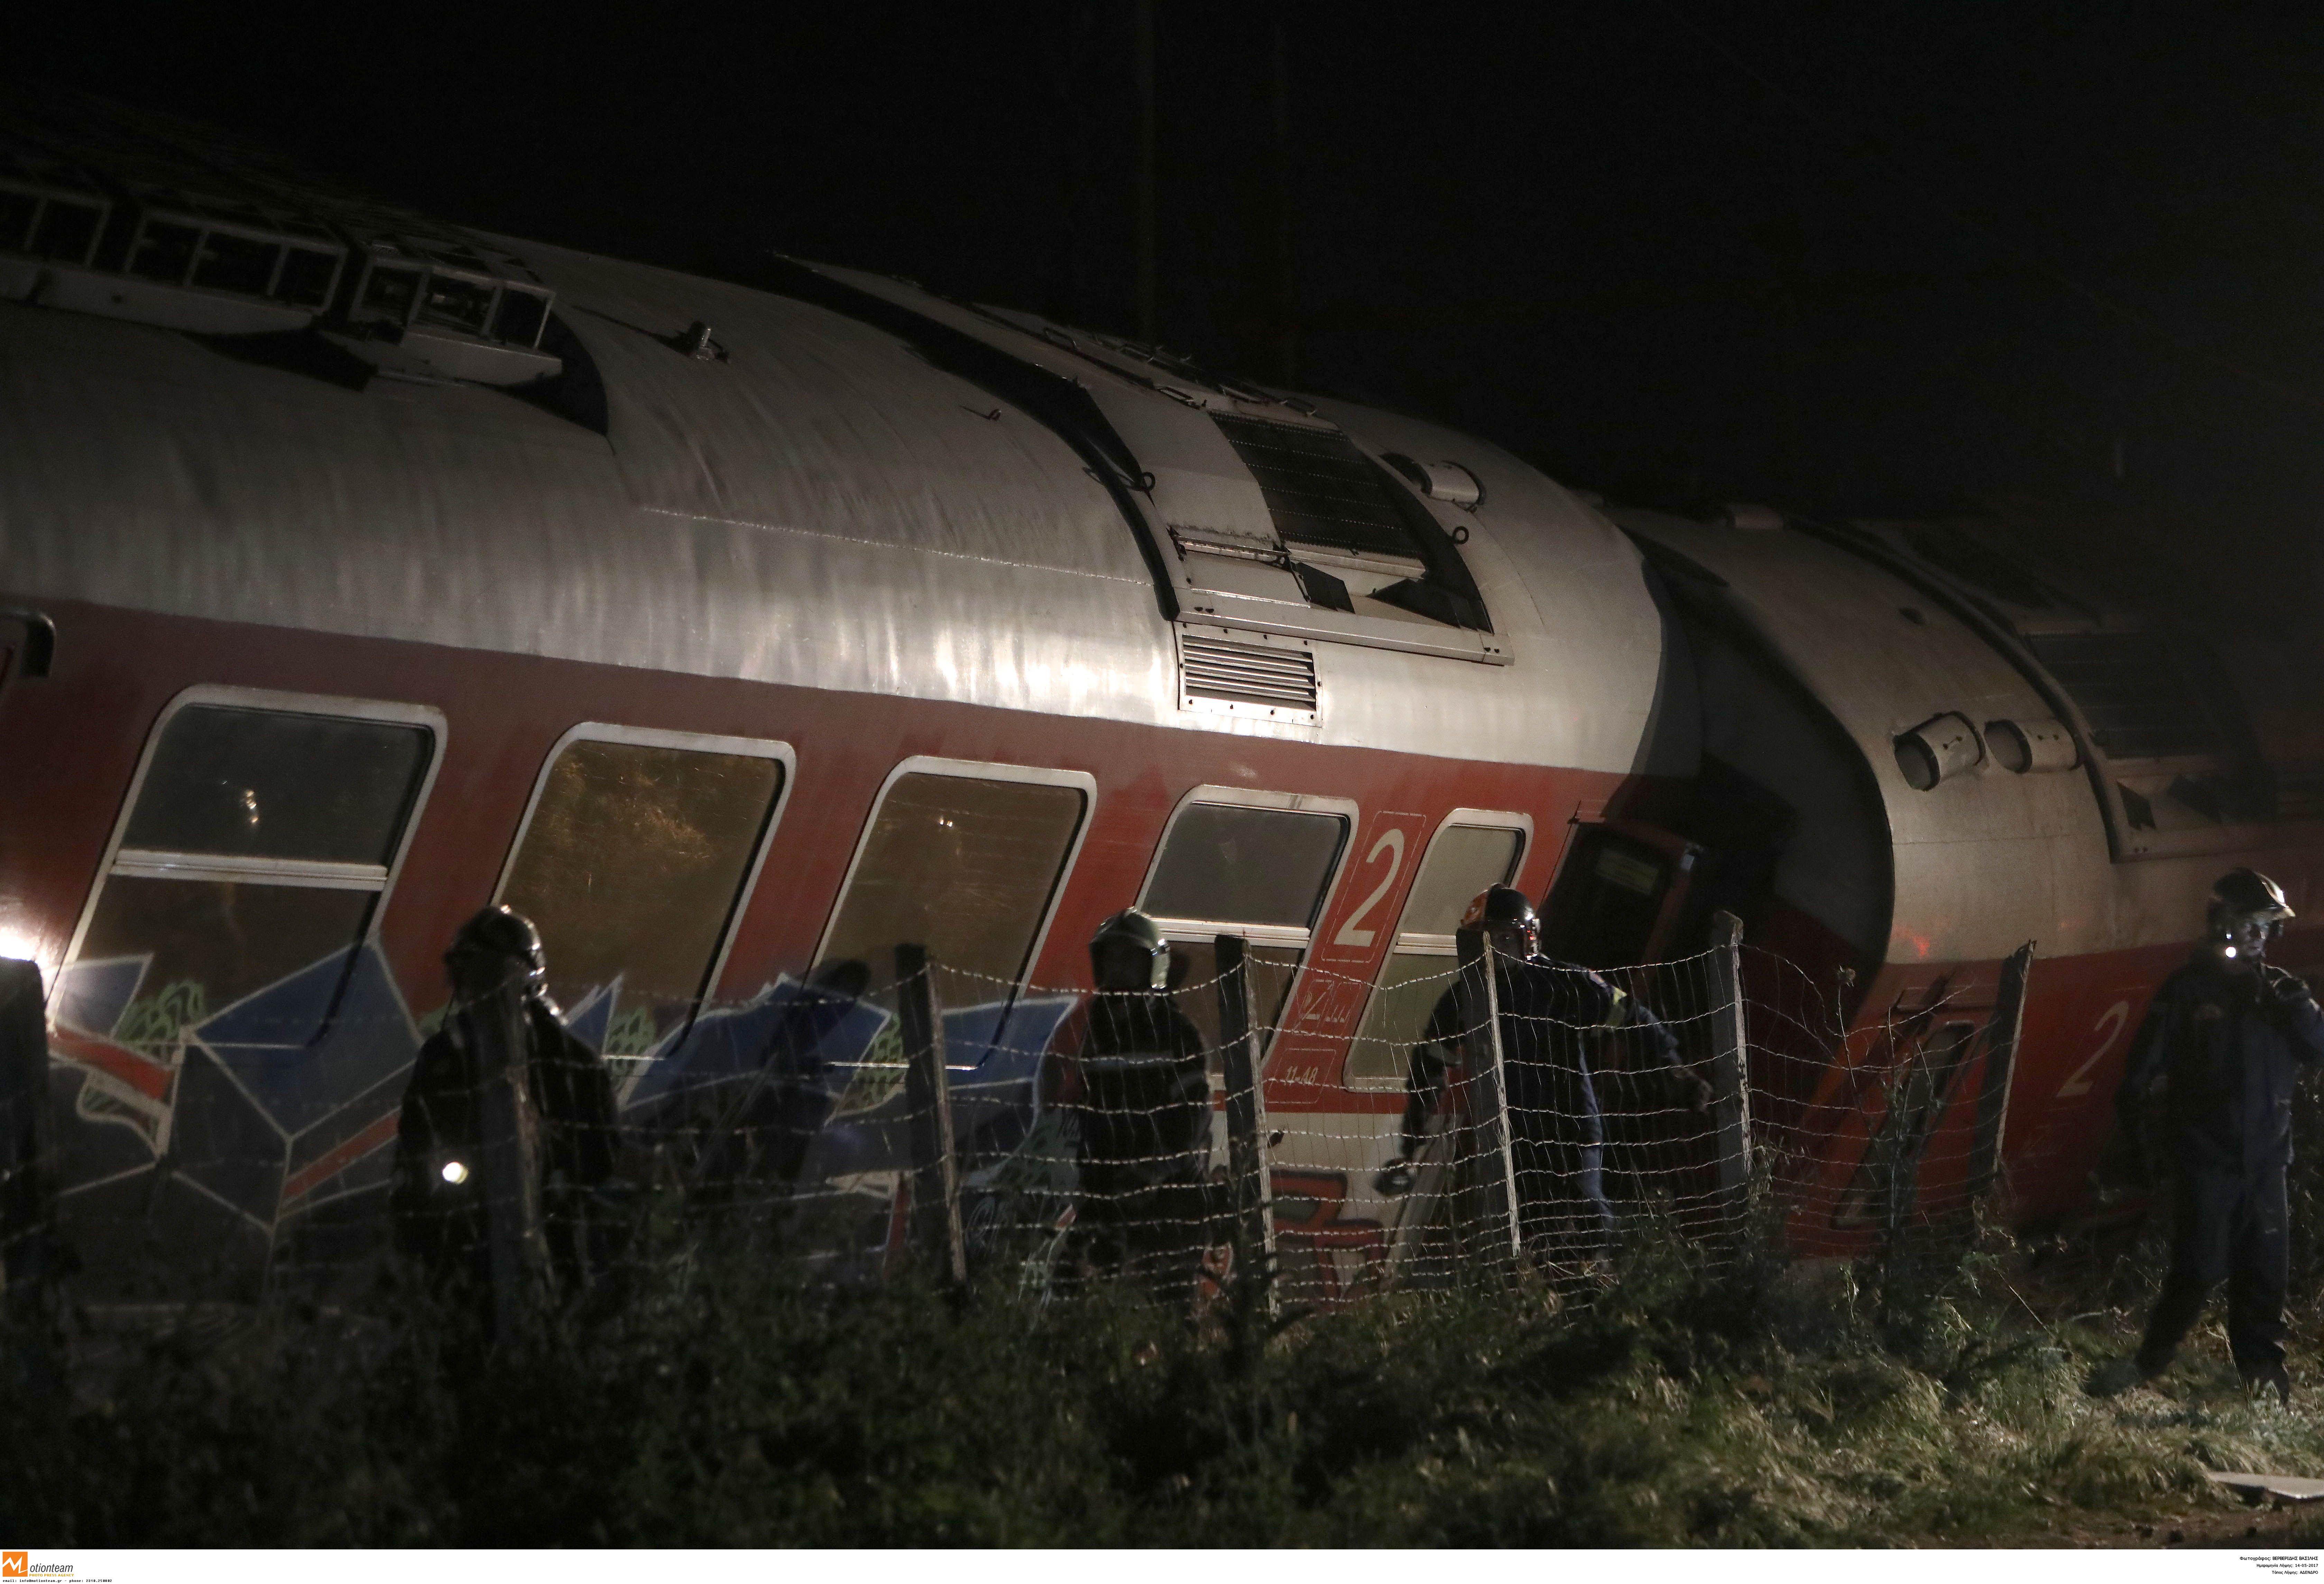 Τέσσερις νεκροί  από τον εκτροχιασμό αμαξοστοιχίας έξω από τη Θεσσαλονίκη